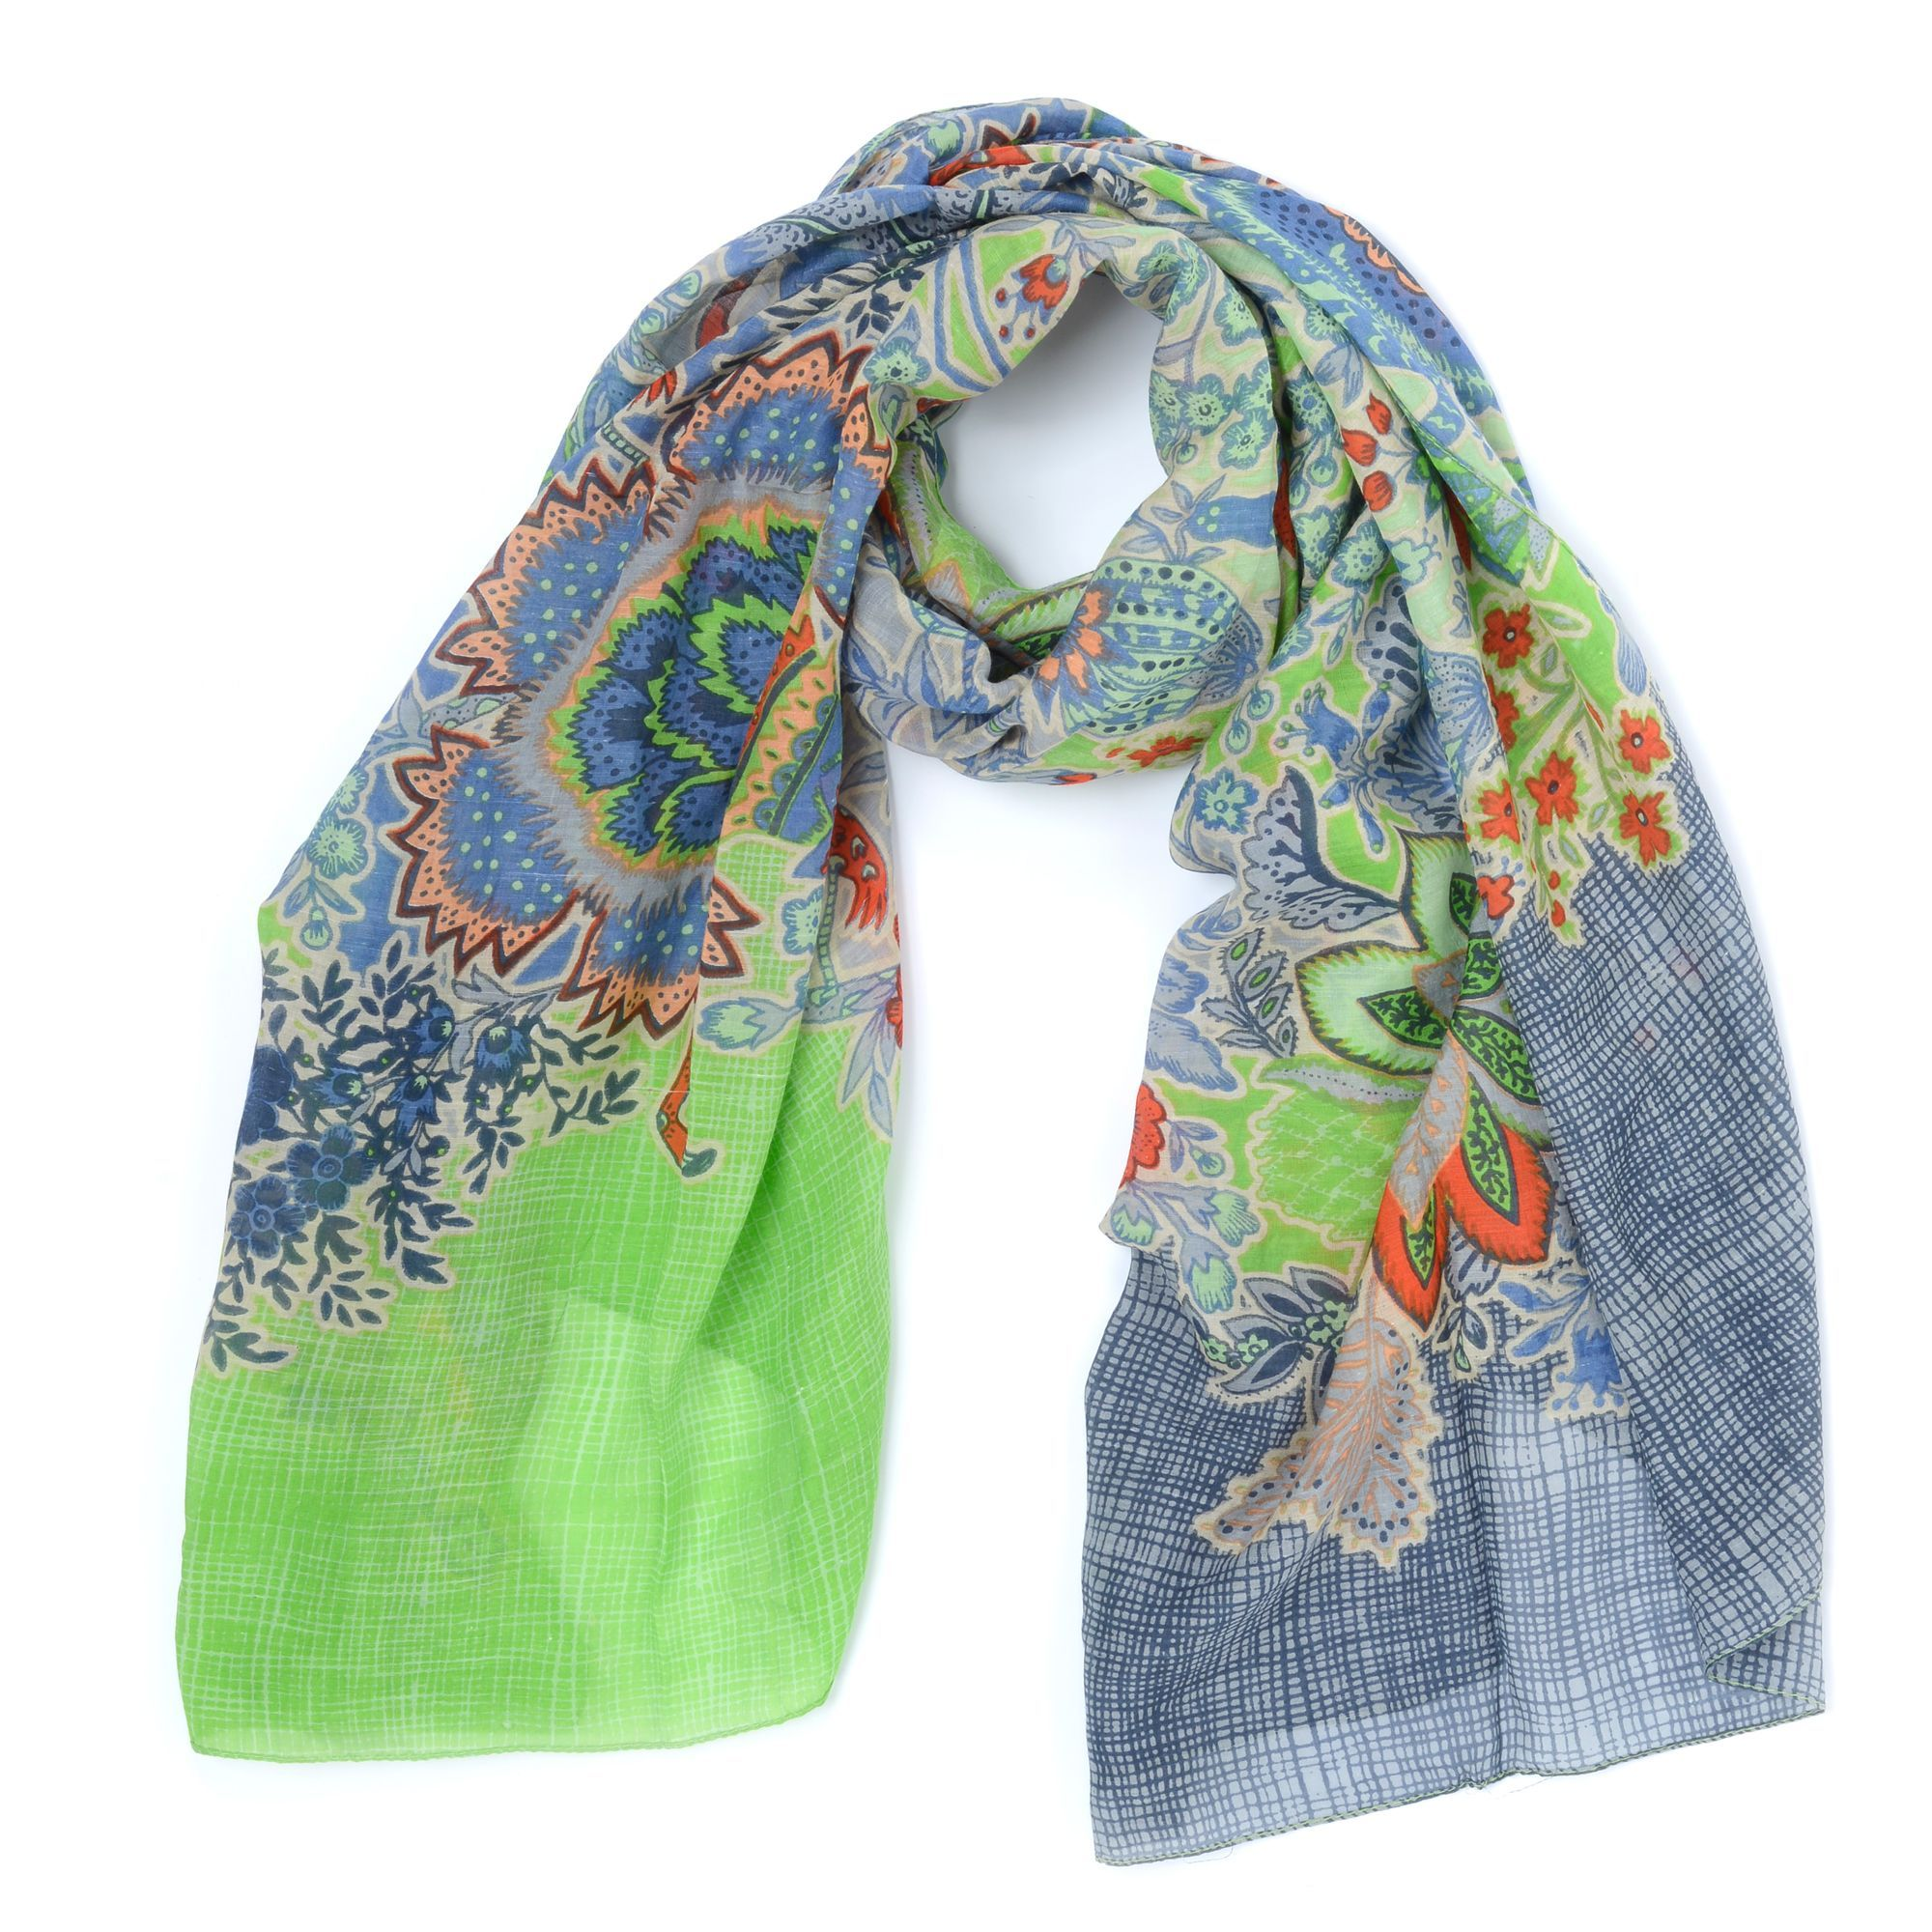 Deze trendy Oilily sjaal heeft een vrolijk gekleurd dessin, passend bij de Botanical Garden tassen! De sjaal is lekker groot. Zeer netjes afgewerkt en fleurt iedere outfit helemaal op!